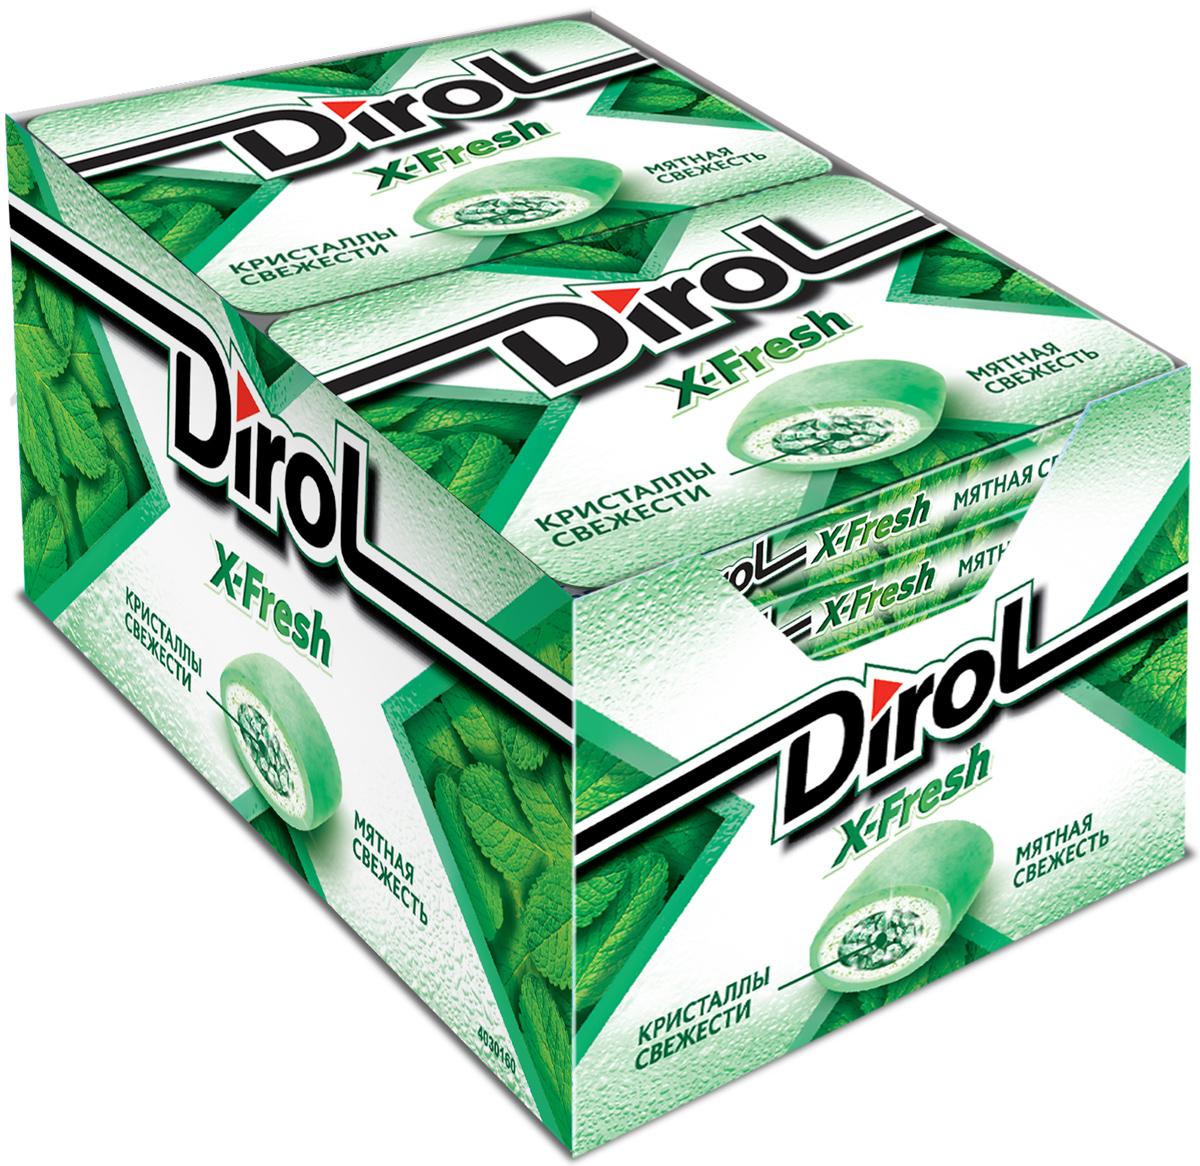 Dirol X-Fresh Жевательная резинка Мятная Свежесть без сахара, 12 пачек по 16 г dirol жевательная резинка арбузно дынный коктейль 5 шт по 13 6 г